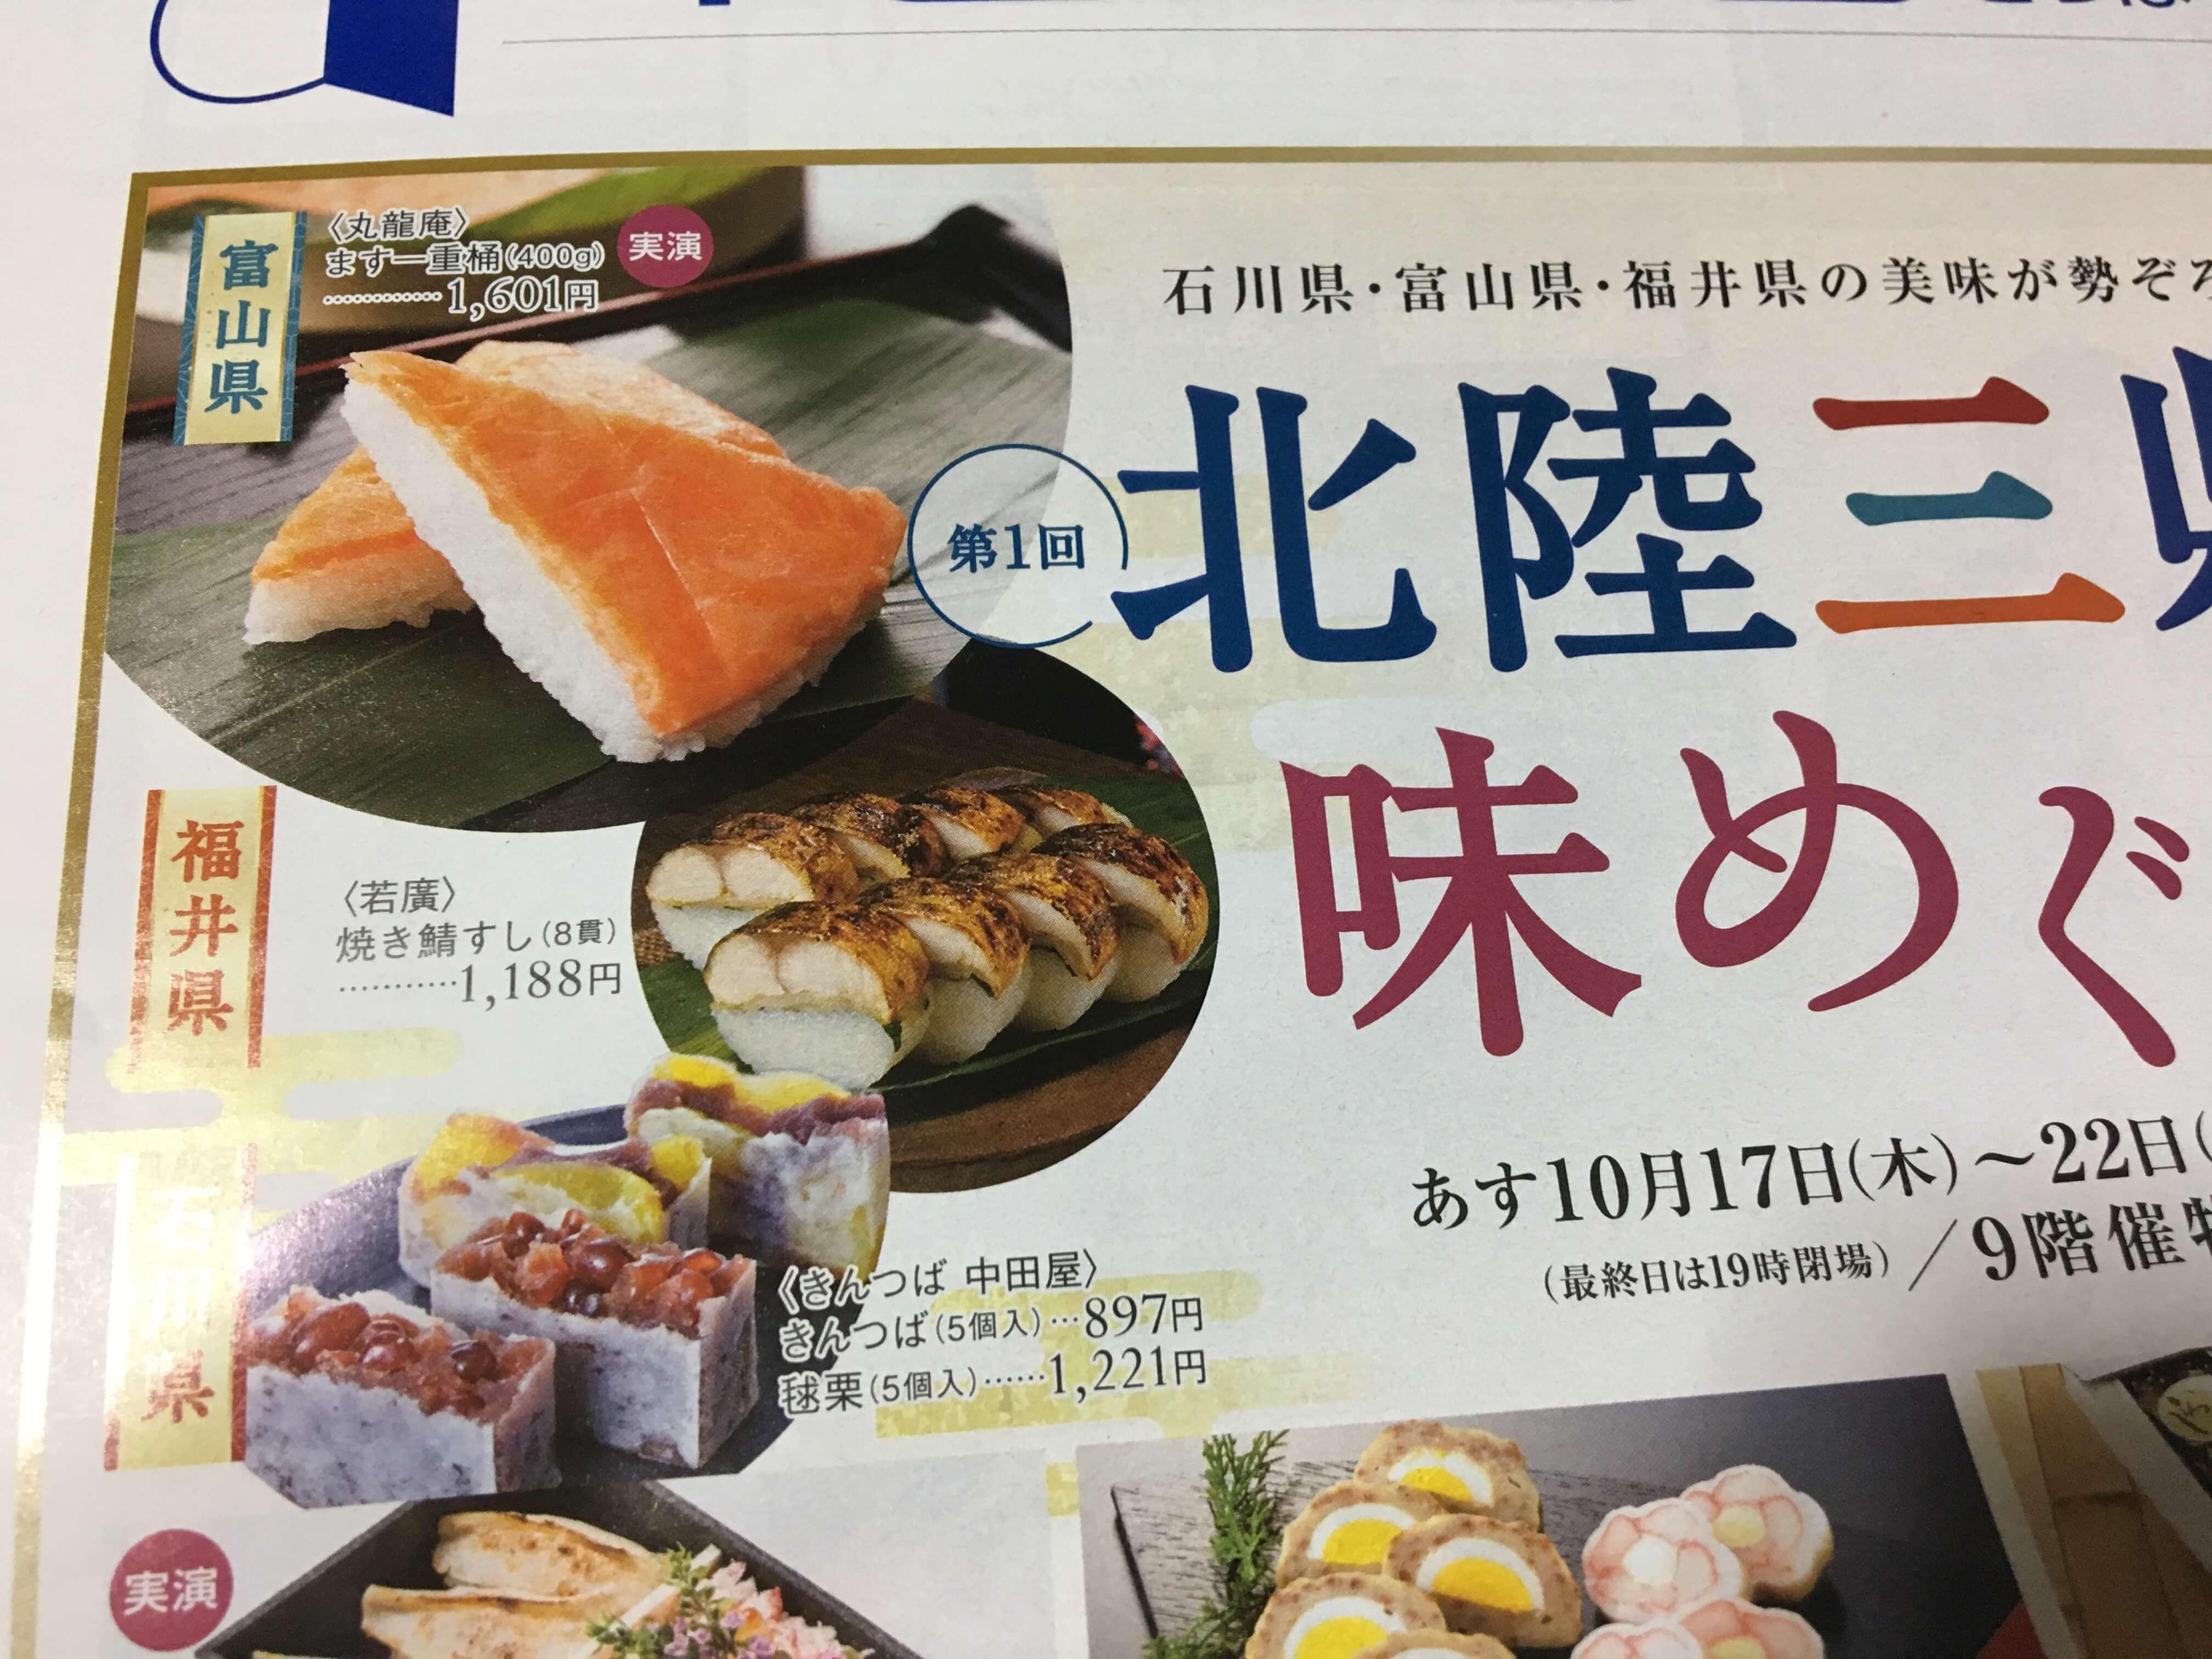 北陸三県 味めぐりには富山県の丸龍庵も出店